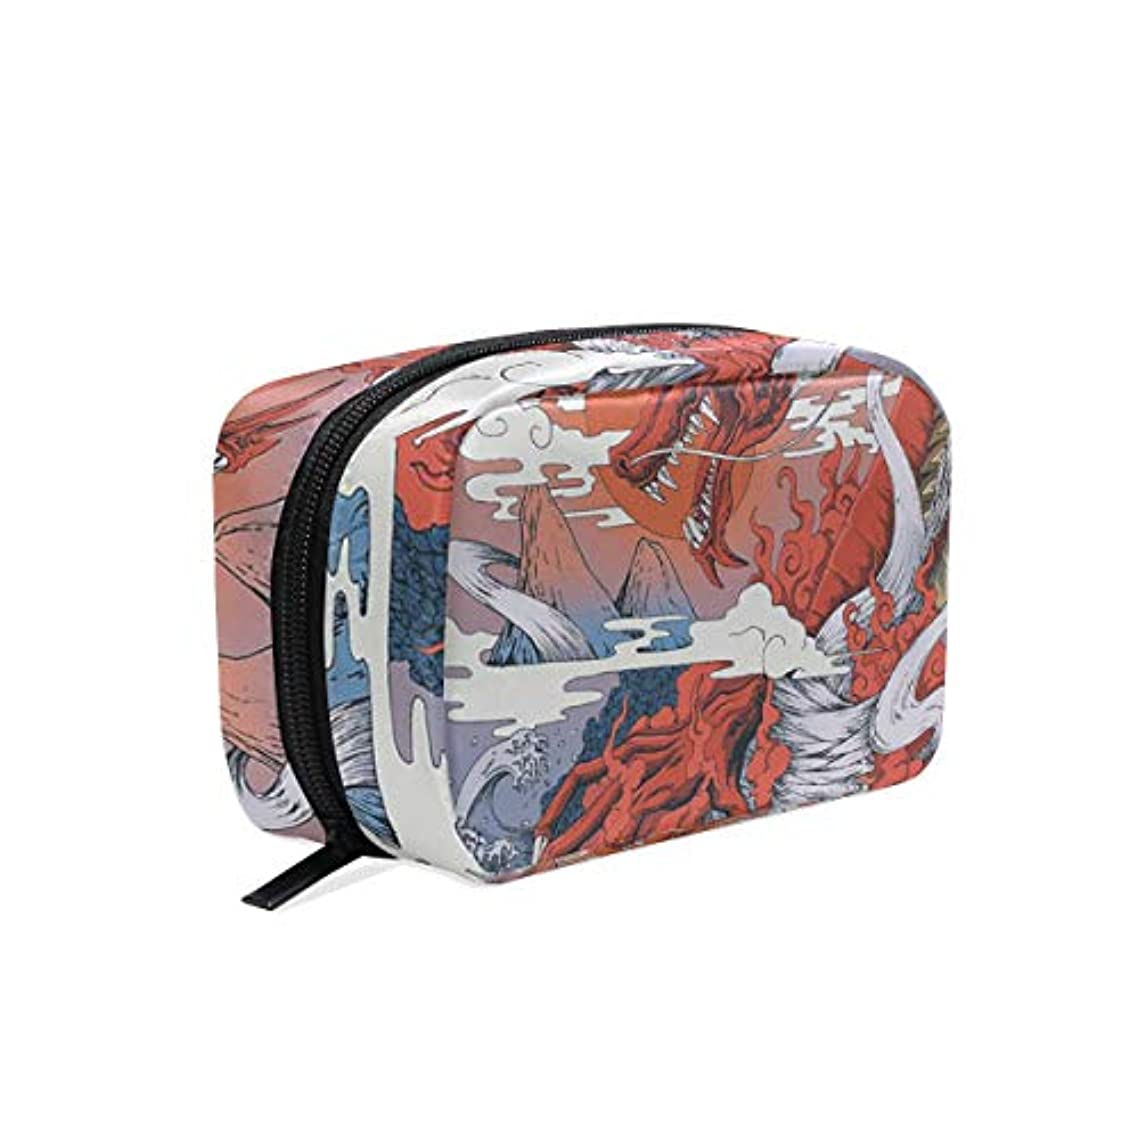 アシュリータファーマン人事タイピスト竜 浮世絵 化粧ポーチ メイクポーチ 機能的 大容量 化粧品収納 小物入れ 普段使い 出張 旅行 メイク ブラシ バッグ 化粧バッグ